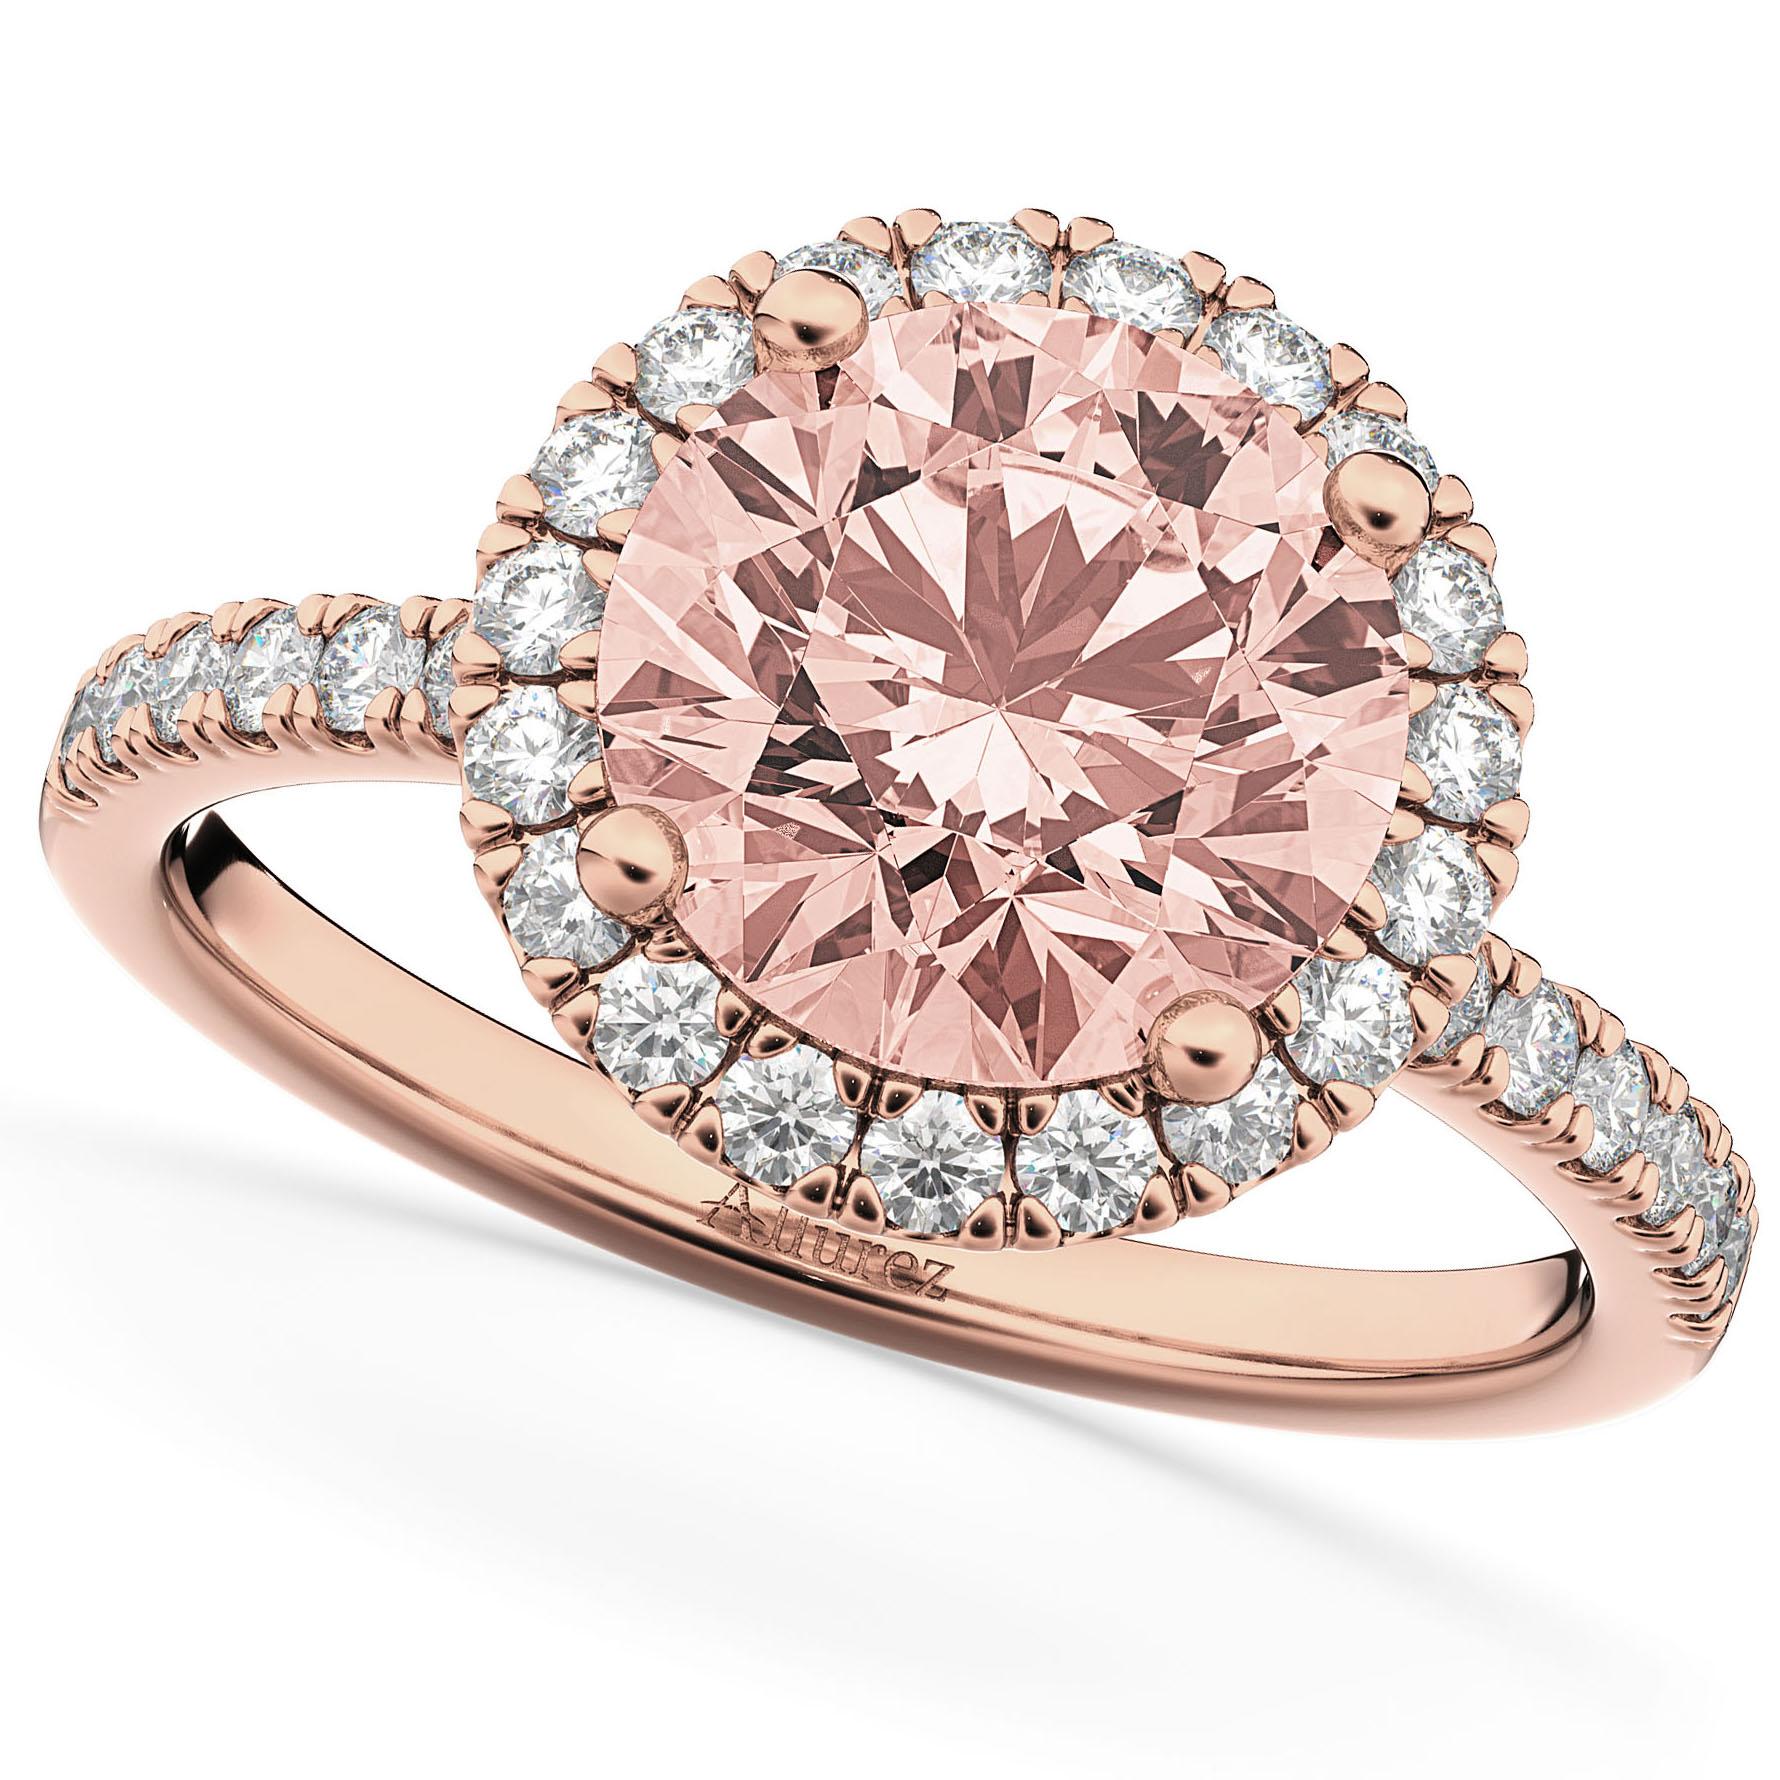 Halo Morganite & Diamond Engagement Ring 18K Rose Gold 2.25ct